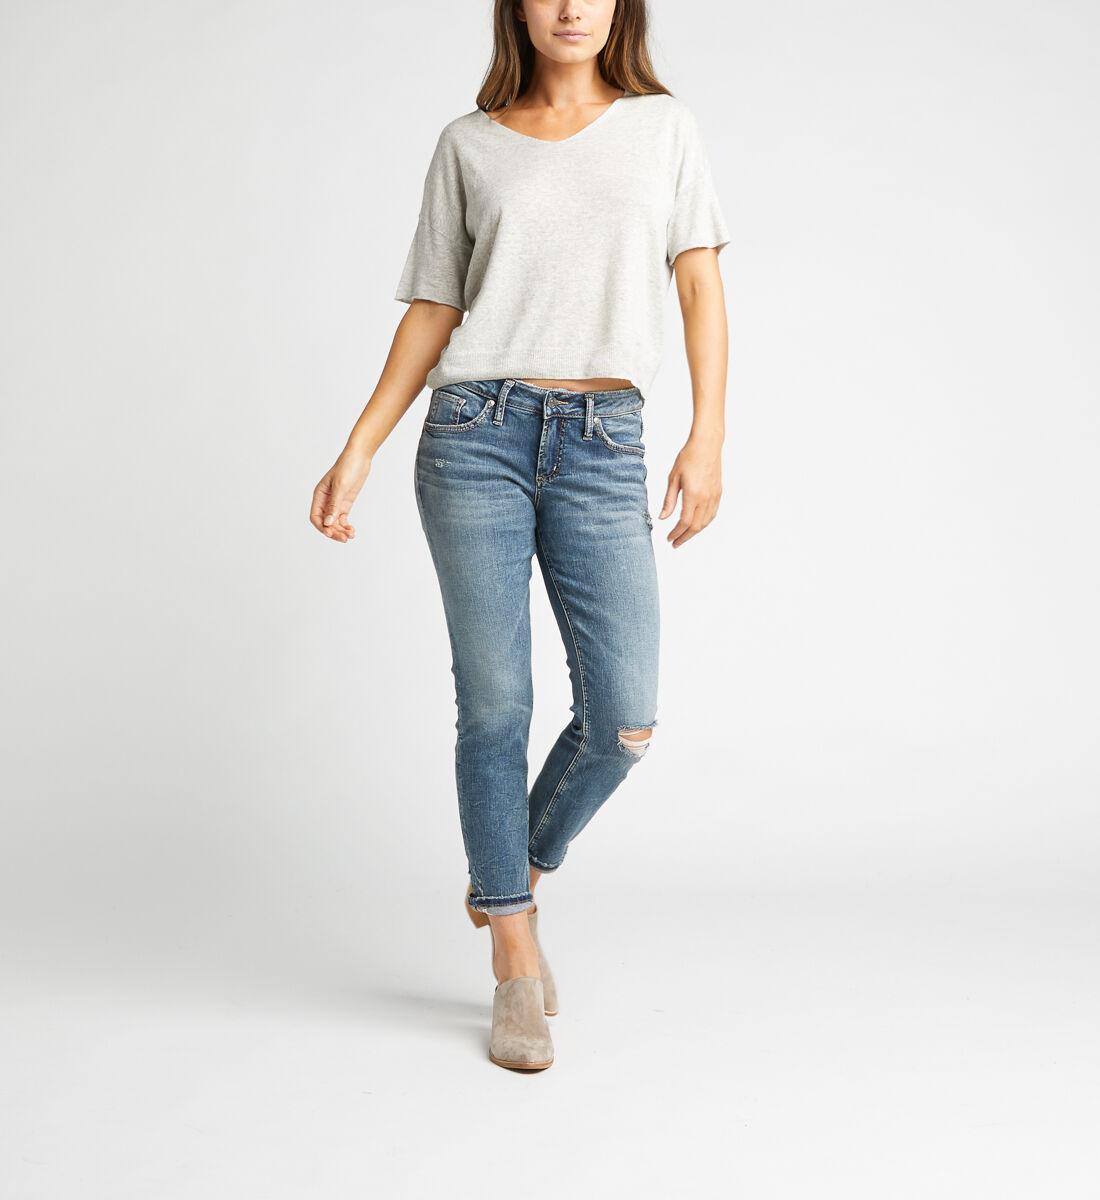 Boyfriend Mid Rise Slim Leg Jeans Alt Image 1